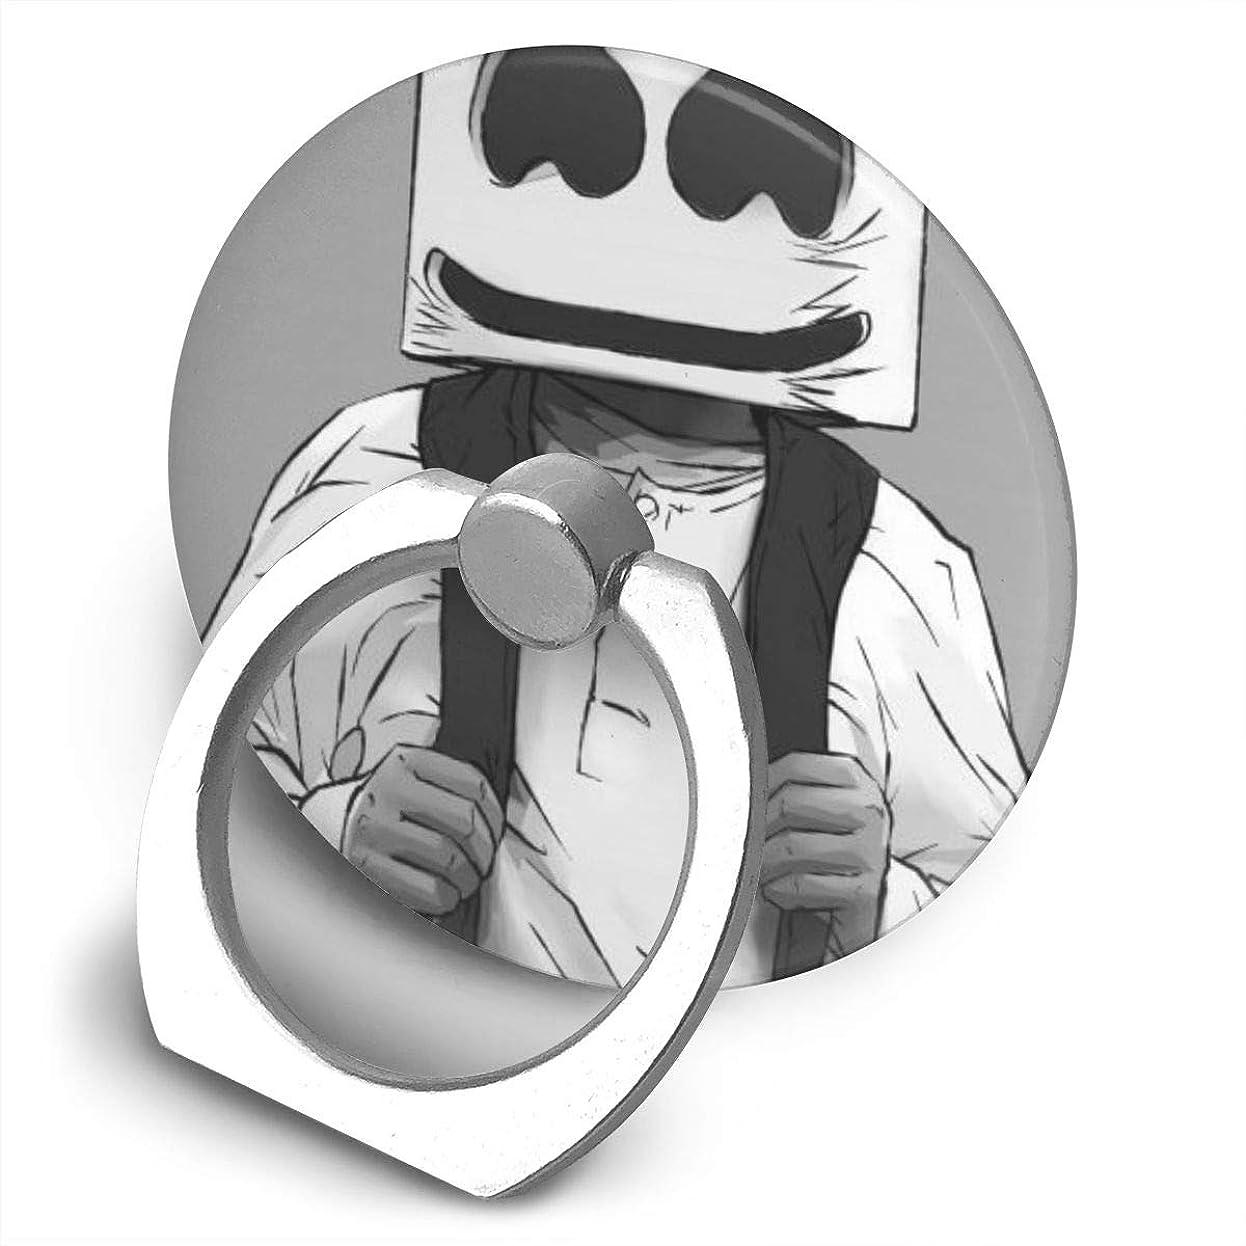 重量ロデオボイコットGreatayifong マシュメロ Marshmello バンカーリング スマホ リング おしゃれ ホールドリング 薄型 スタンド機能 ホルダー 落下防止 軽い 360 回転 IPhone/Android各種他対応 (シルバー)